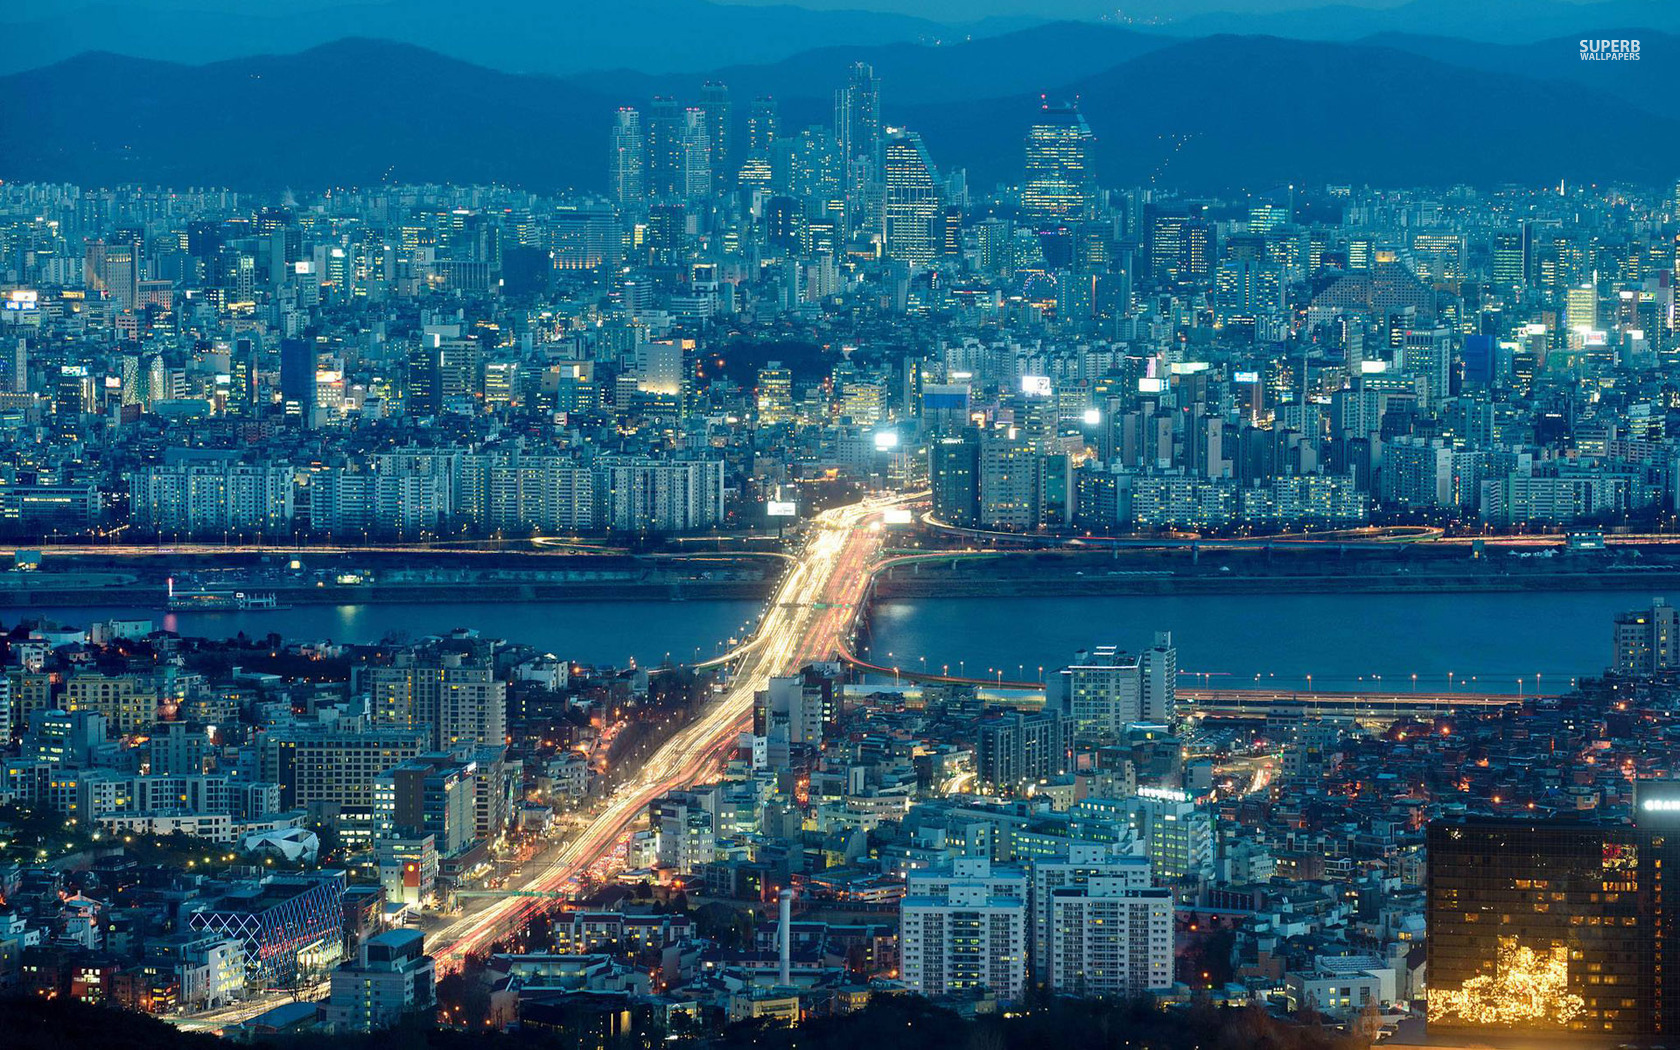 Seoul wallpaper 1680x1050